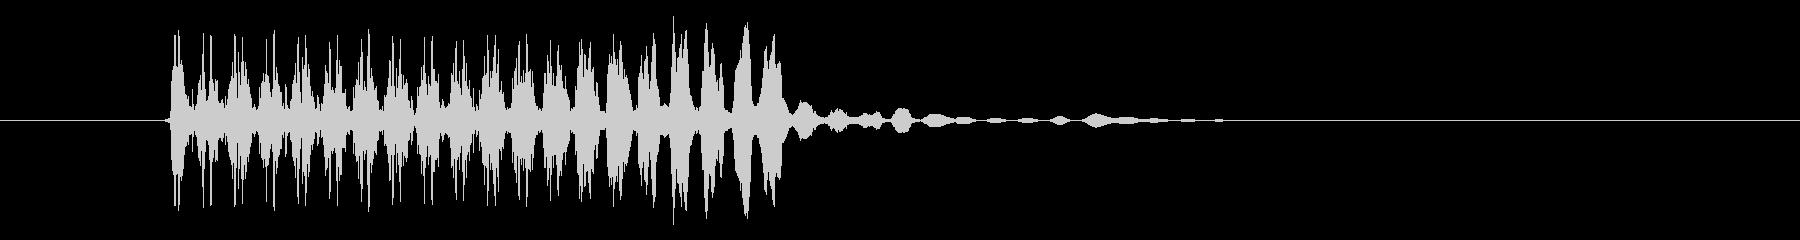 シュルシュル(宇宙、飛ぶ、回転)の未再生の波形